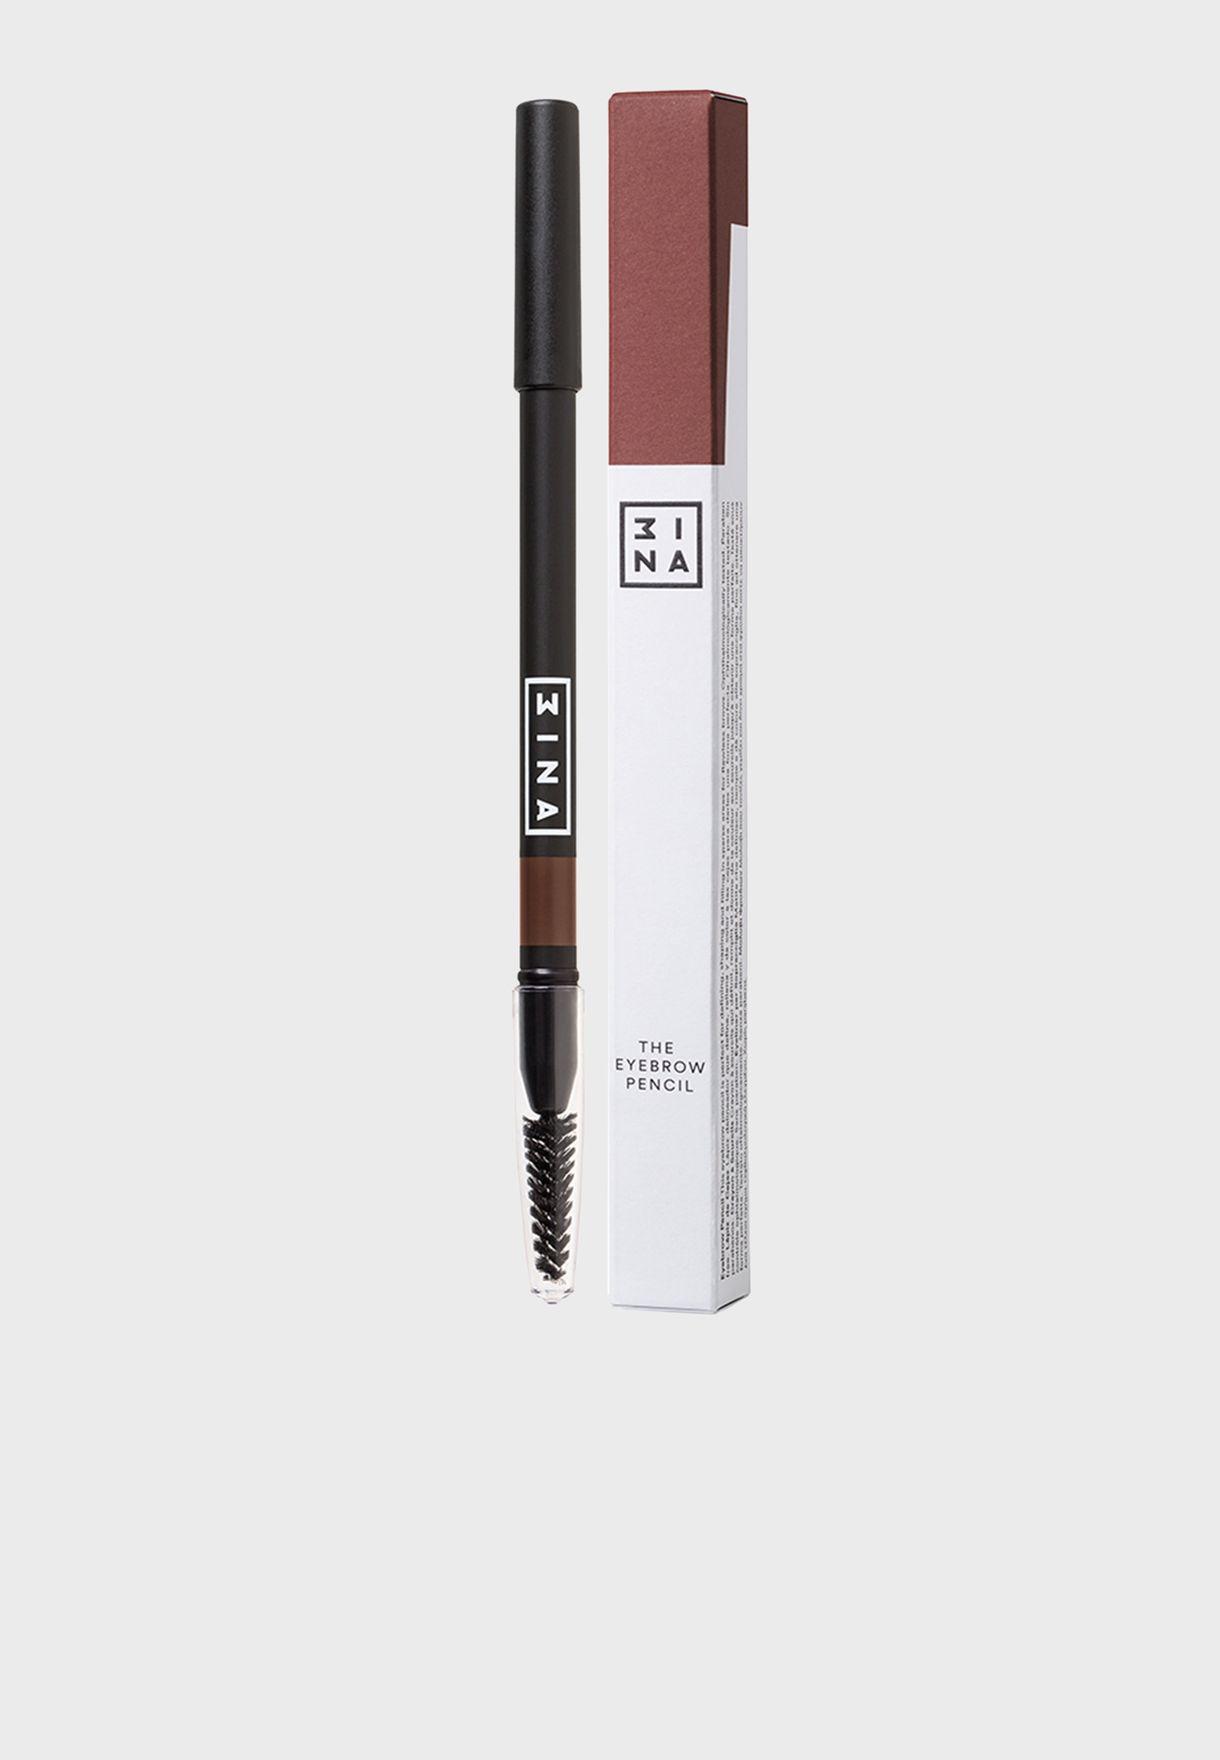 The Eyebrow Pencil 102